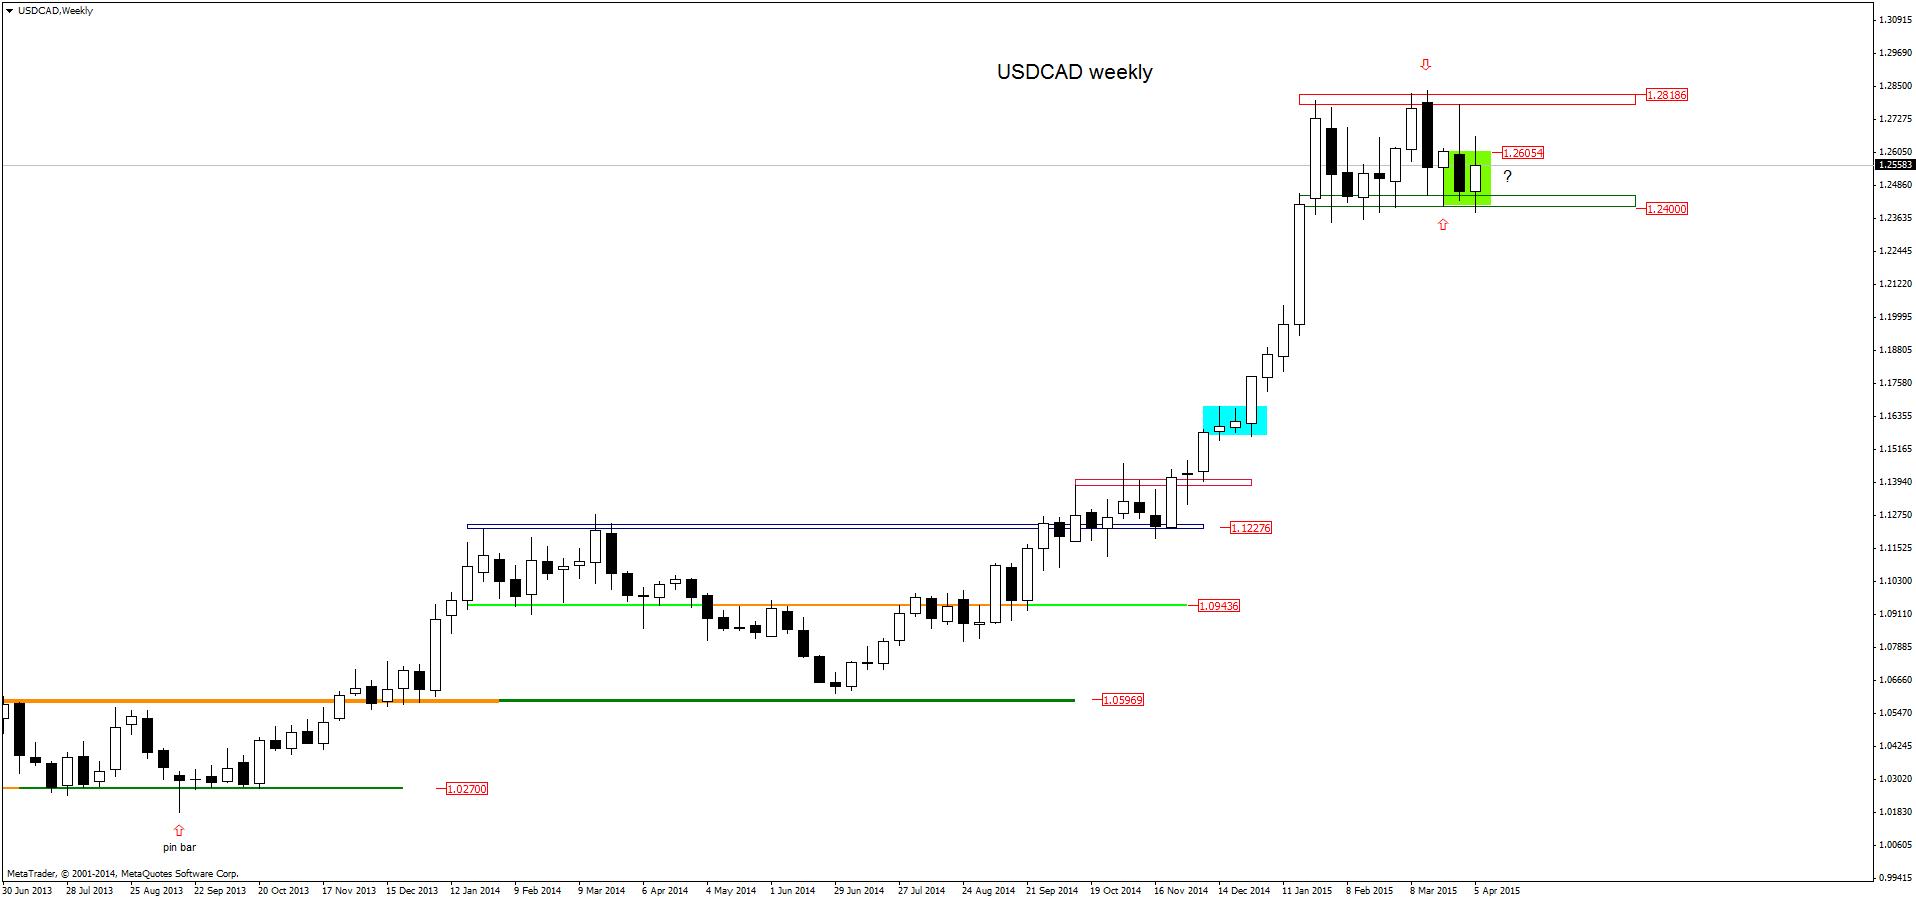 FXMAG forex w poszukiwaniu anatomii konsolidacji usdjpy dolar amerykański jen japoński konsolidacja forex usd/cad usd/jpy price action 5